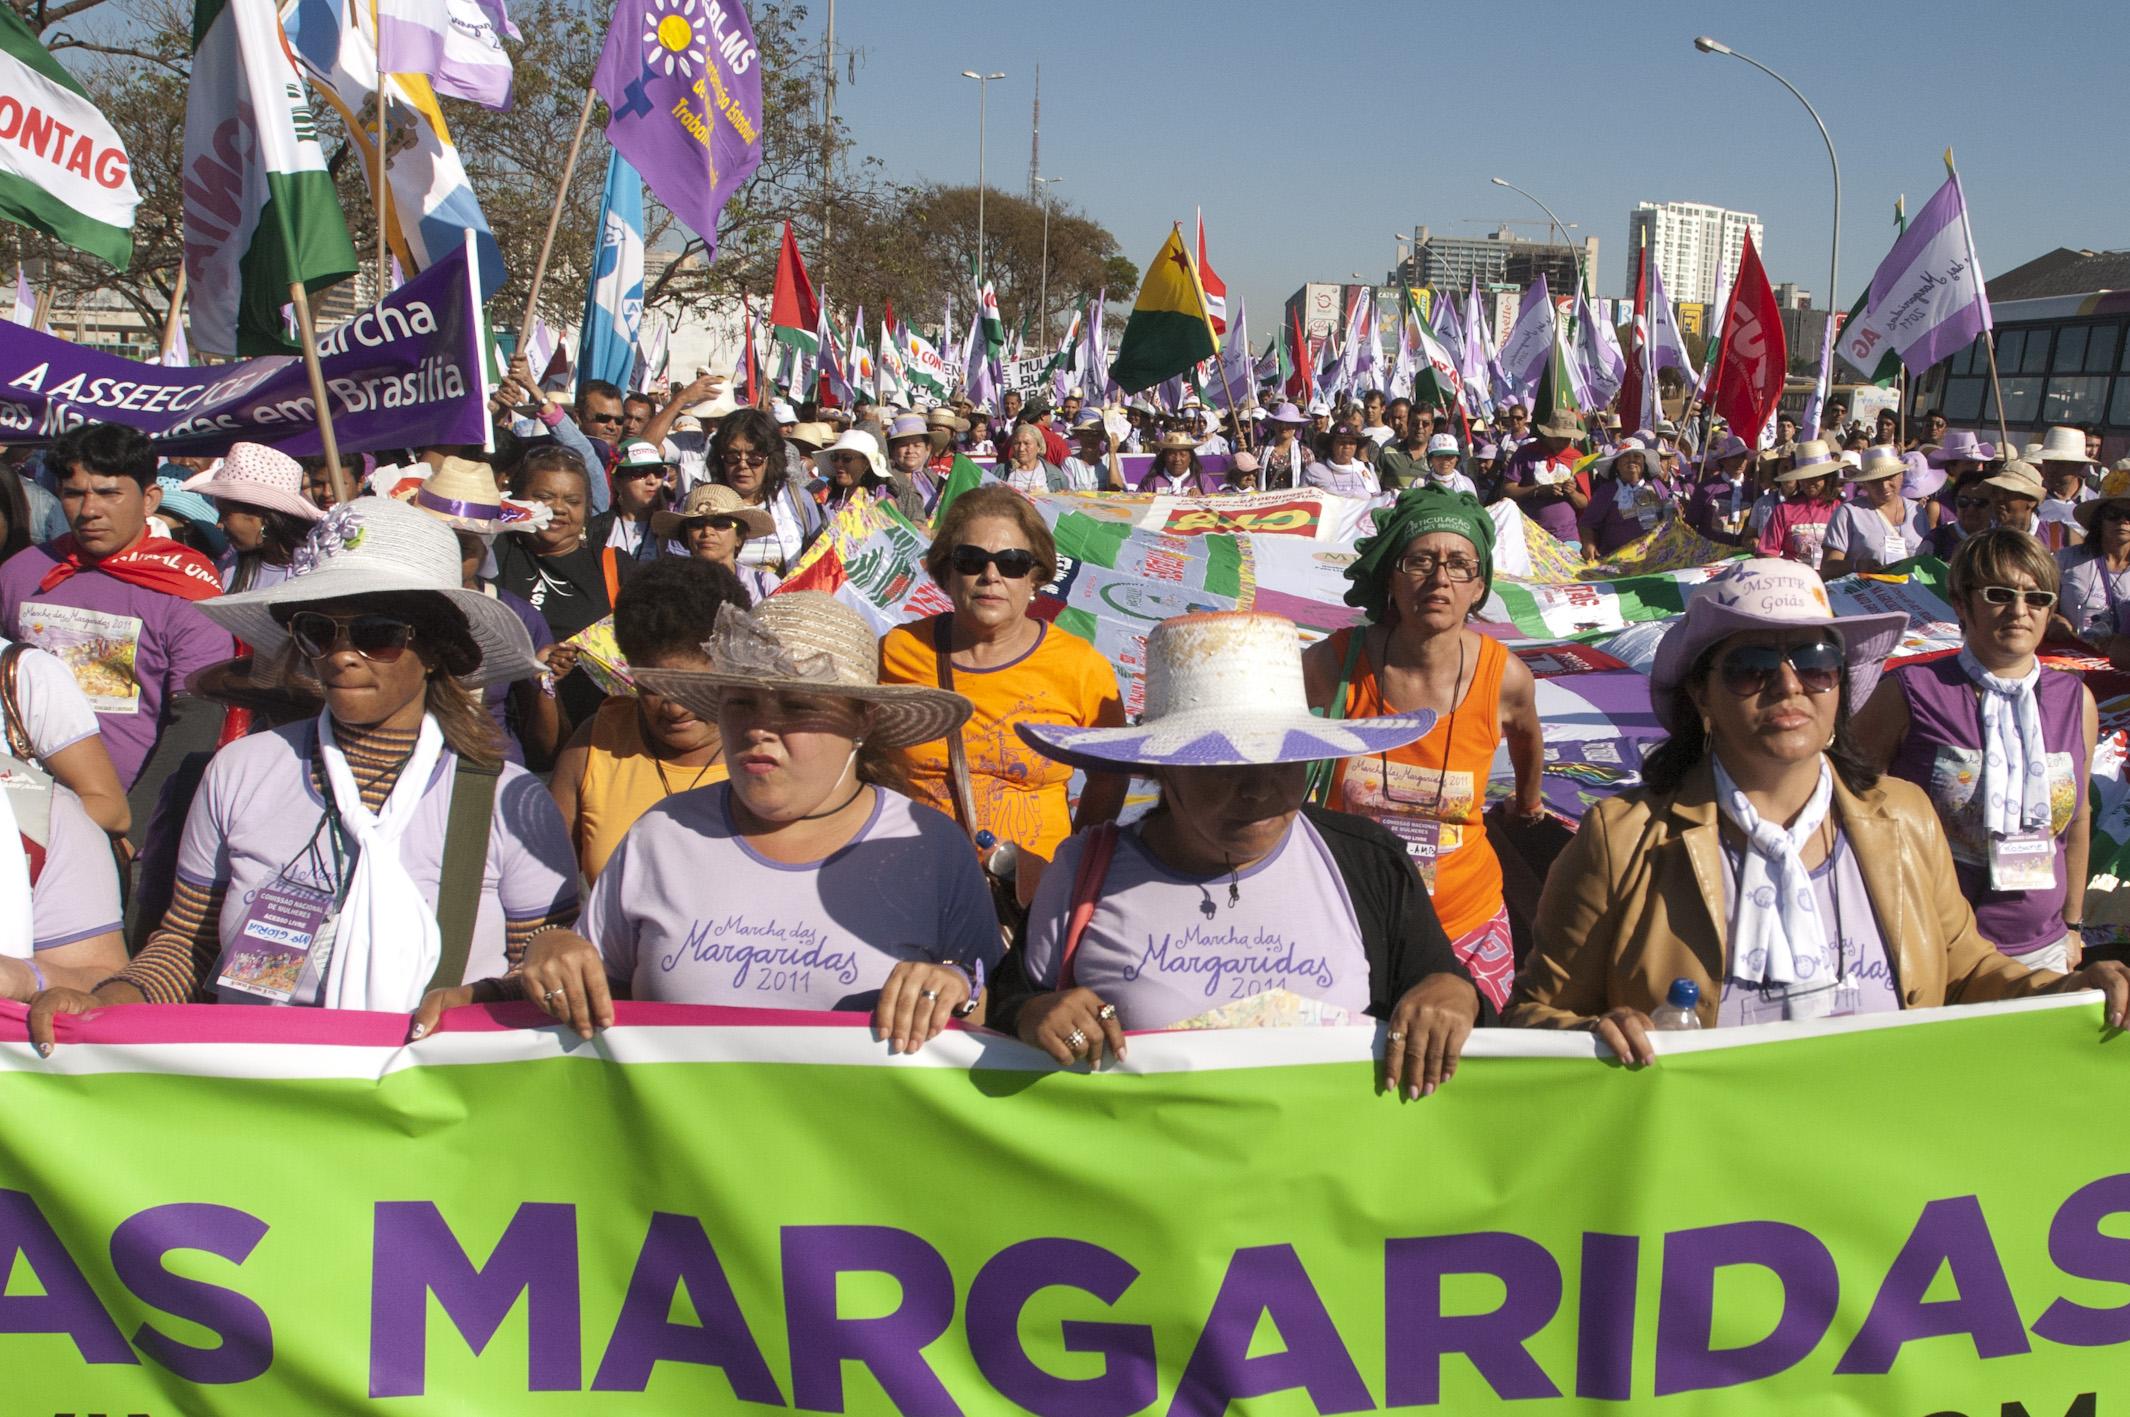 Marcha das Margaridas 2015 – Brasília, DF, 11 e 12 de agosto